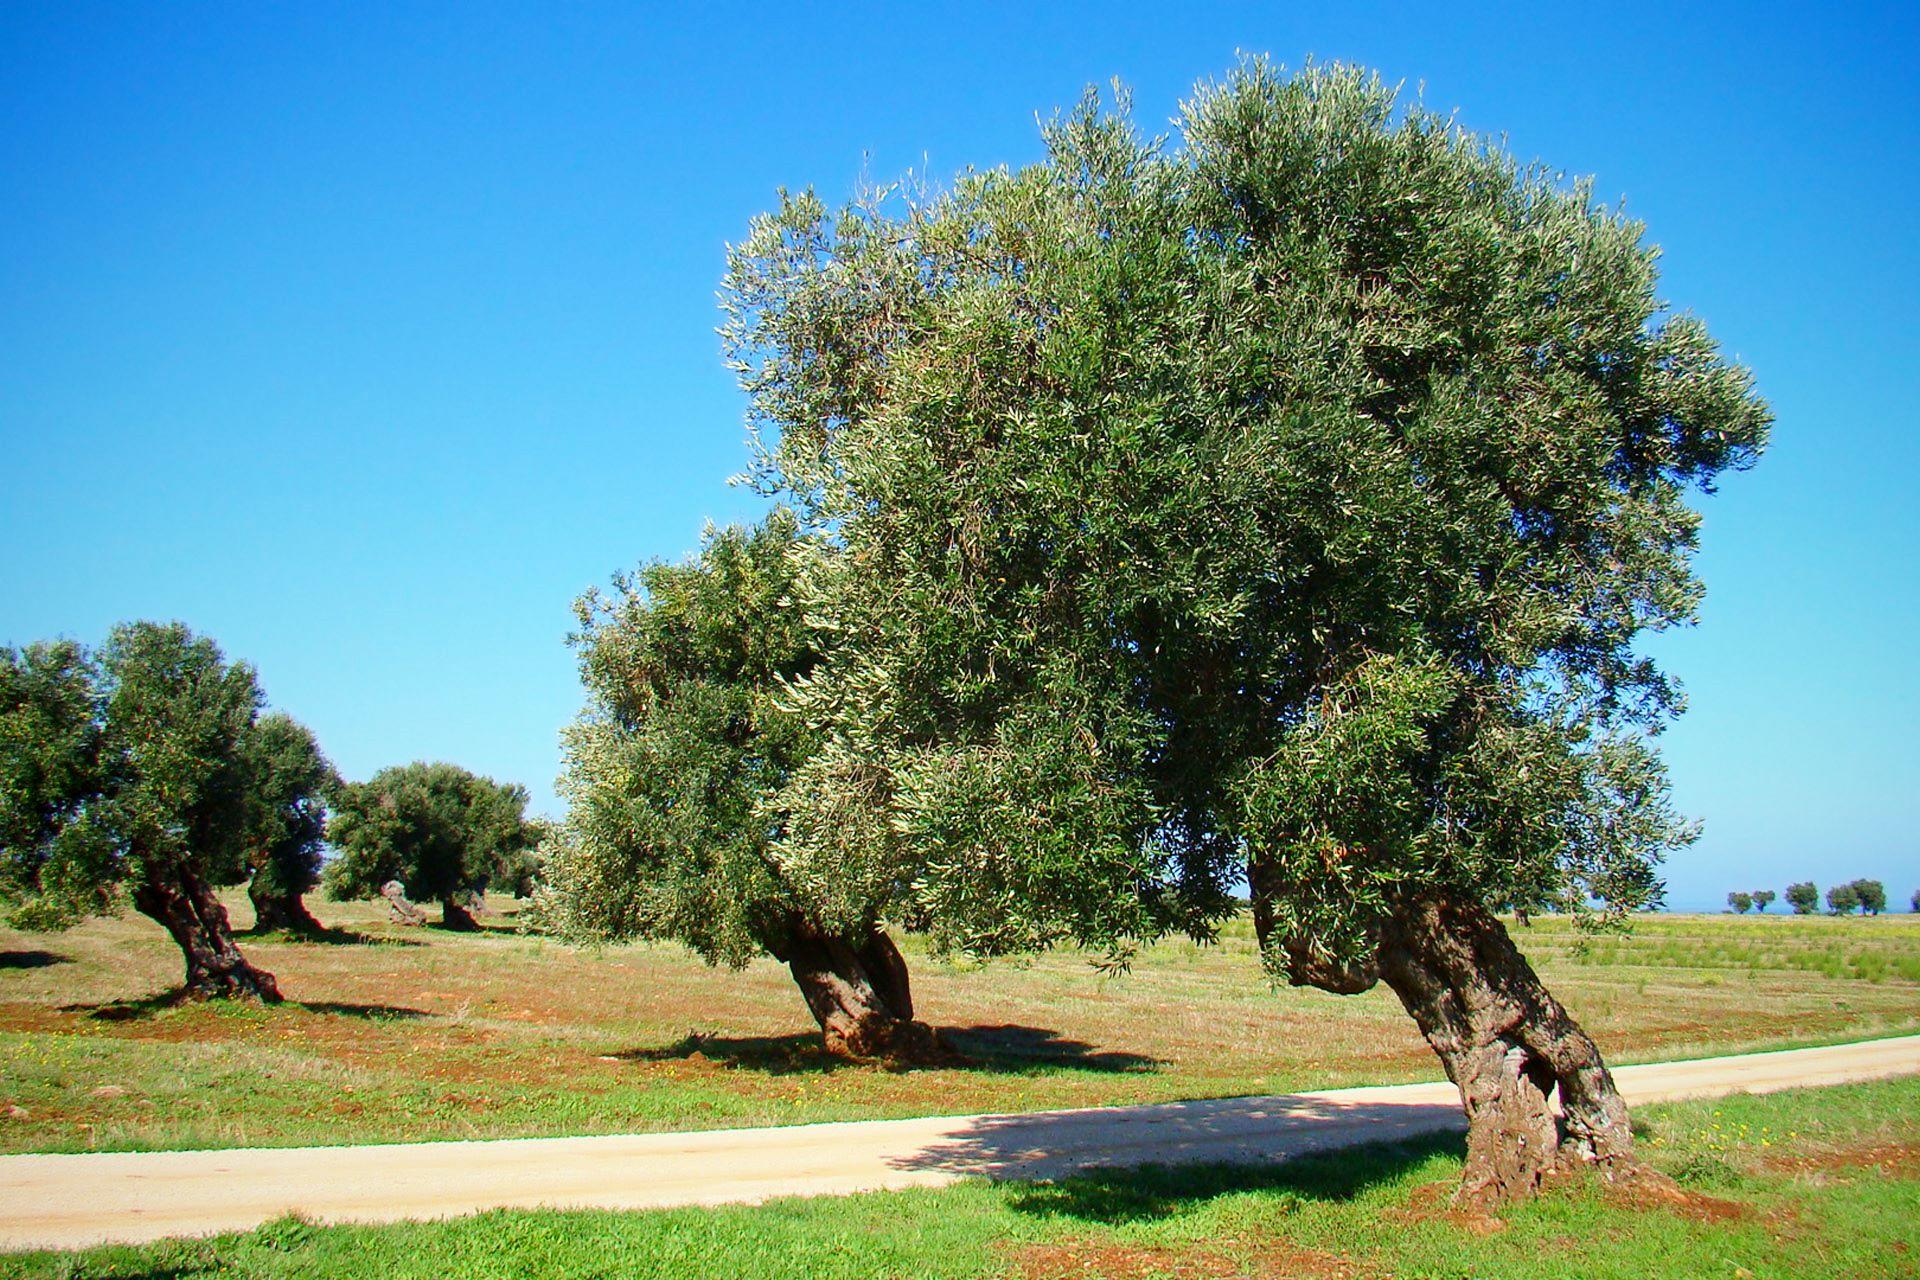 apulia-slow-travel-ulivo-olive tree-olivenbaum-puglia-apulien